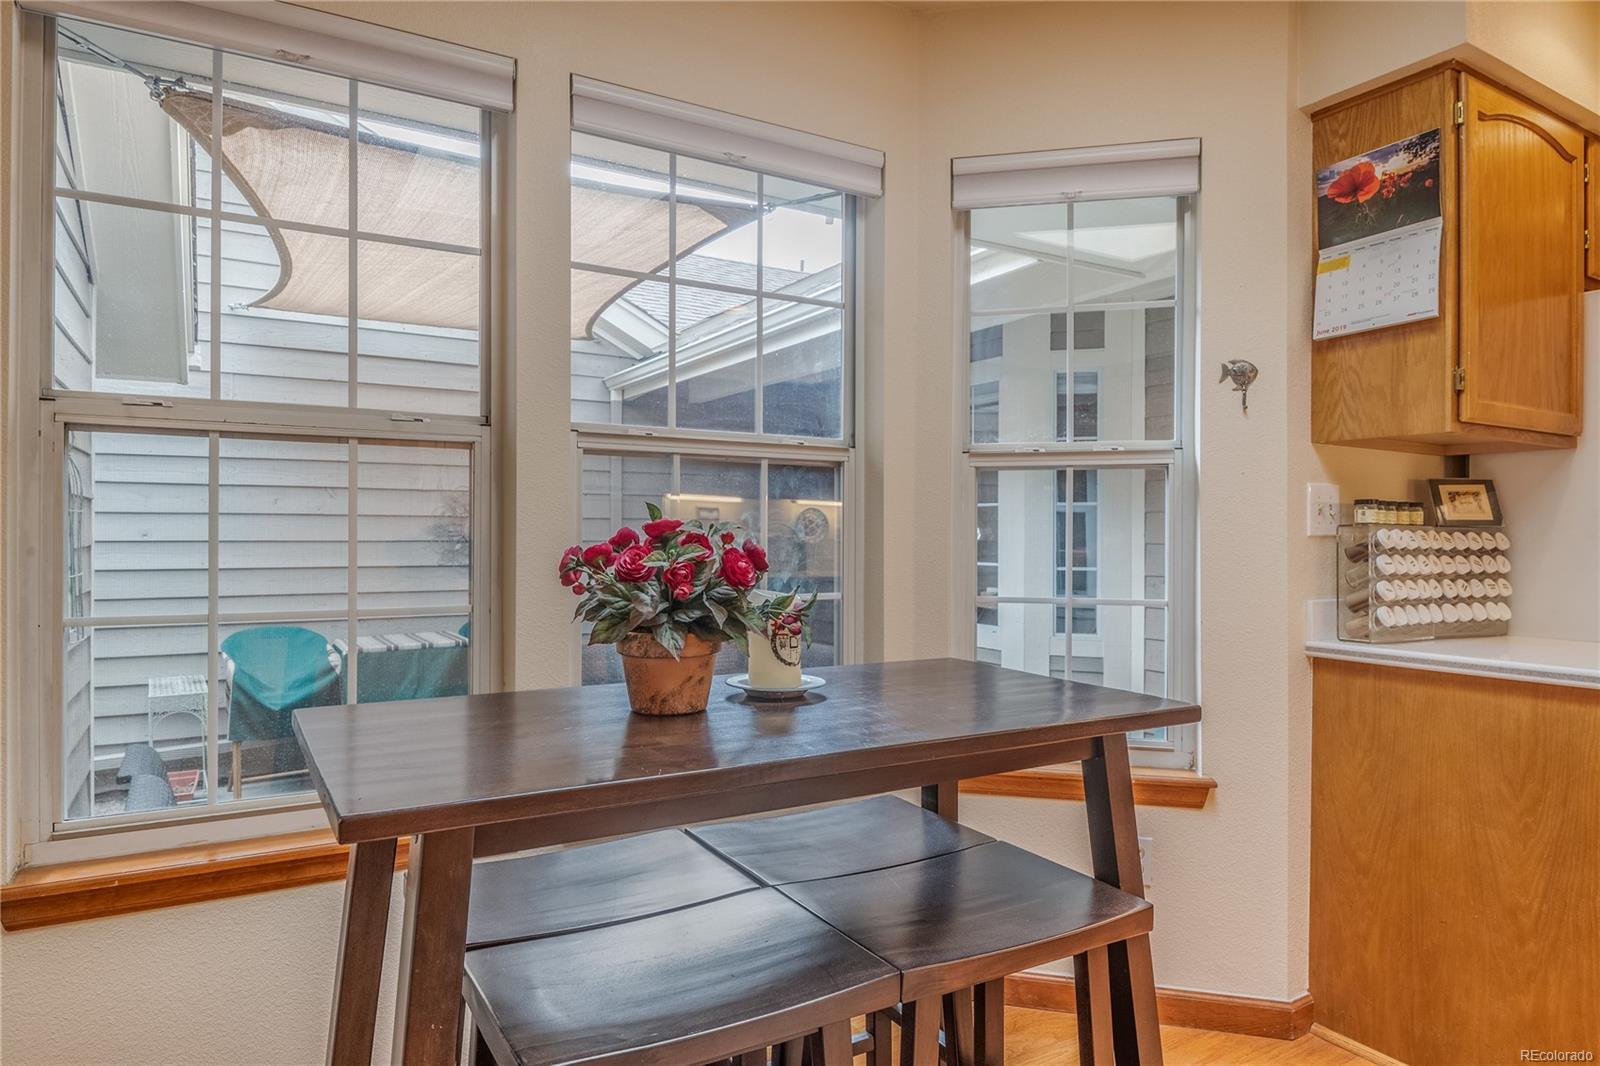 Kitchen Nook - spacious & natural light, Door to Garage